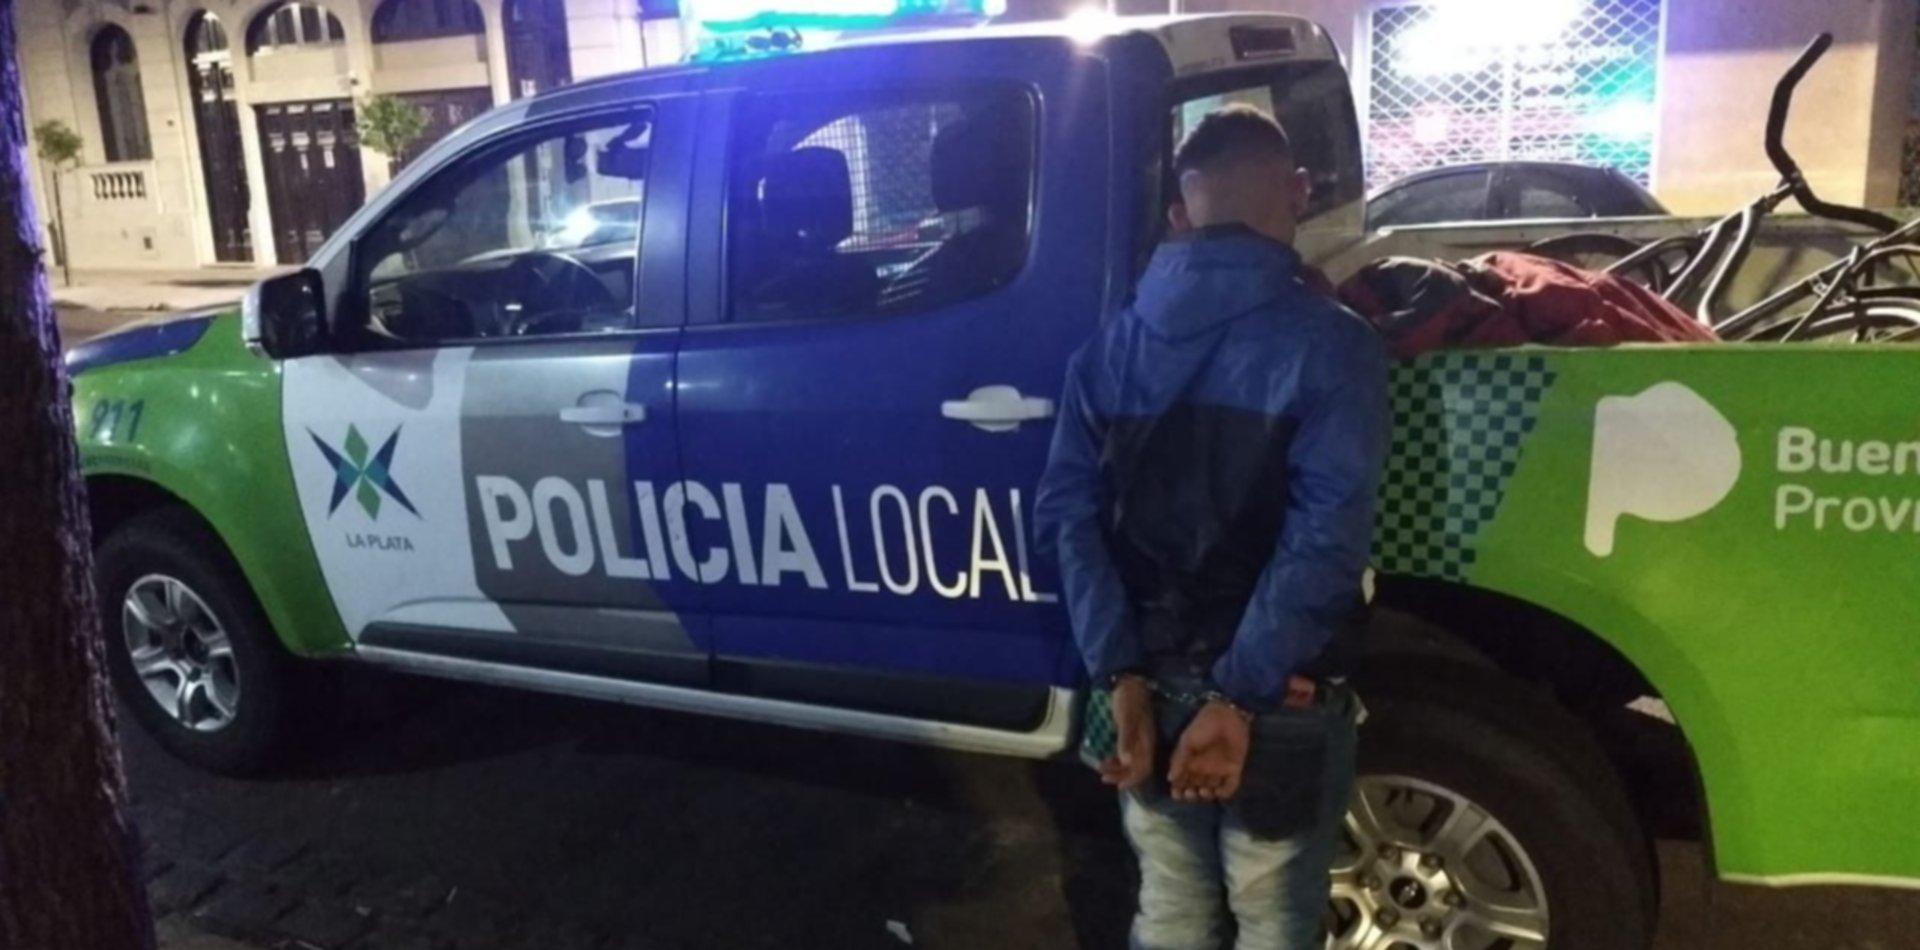 Un policía le disparó, lo detuvieron y él aprovechó para entrar a su casa a robar